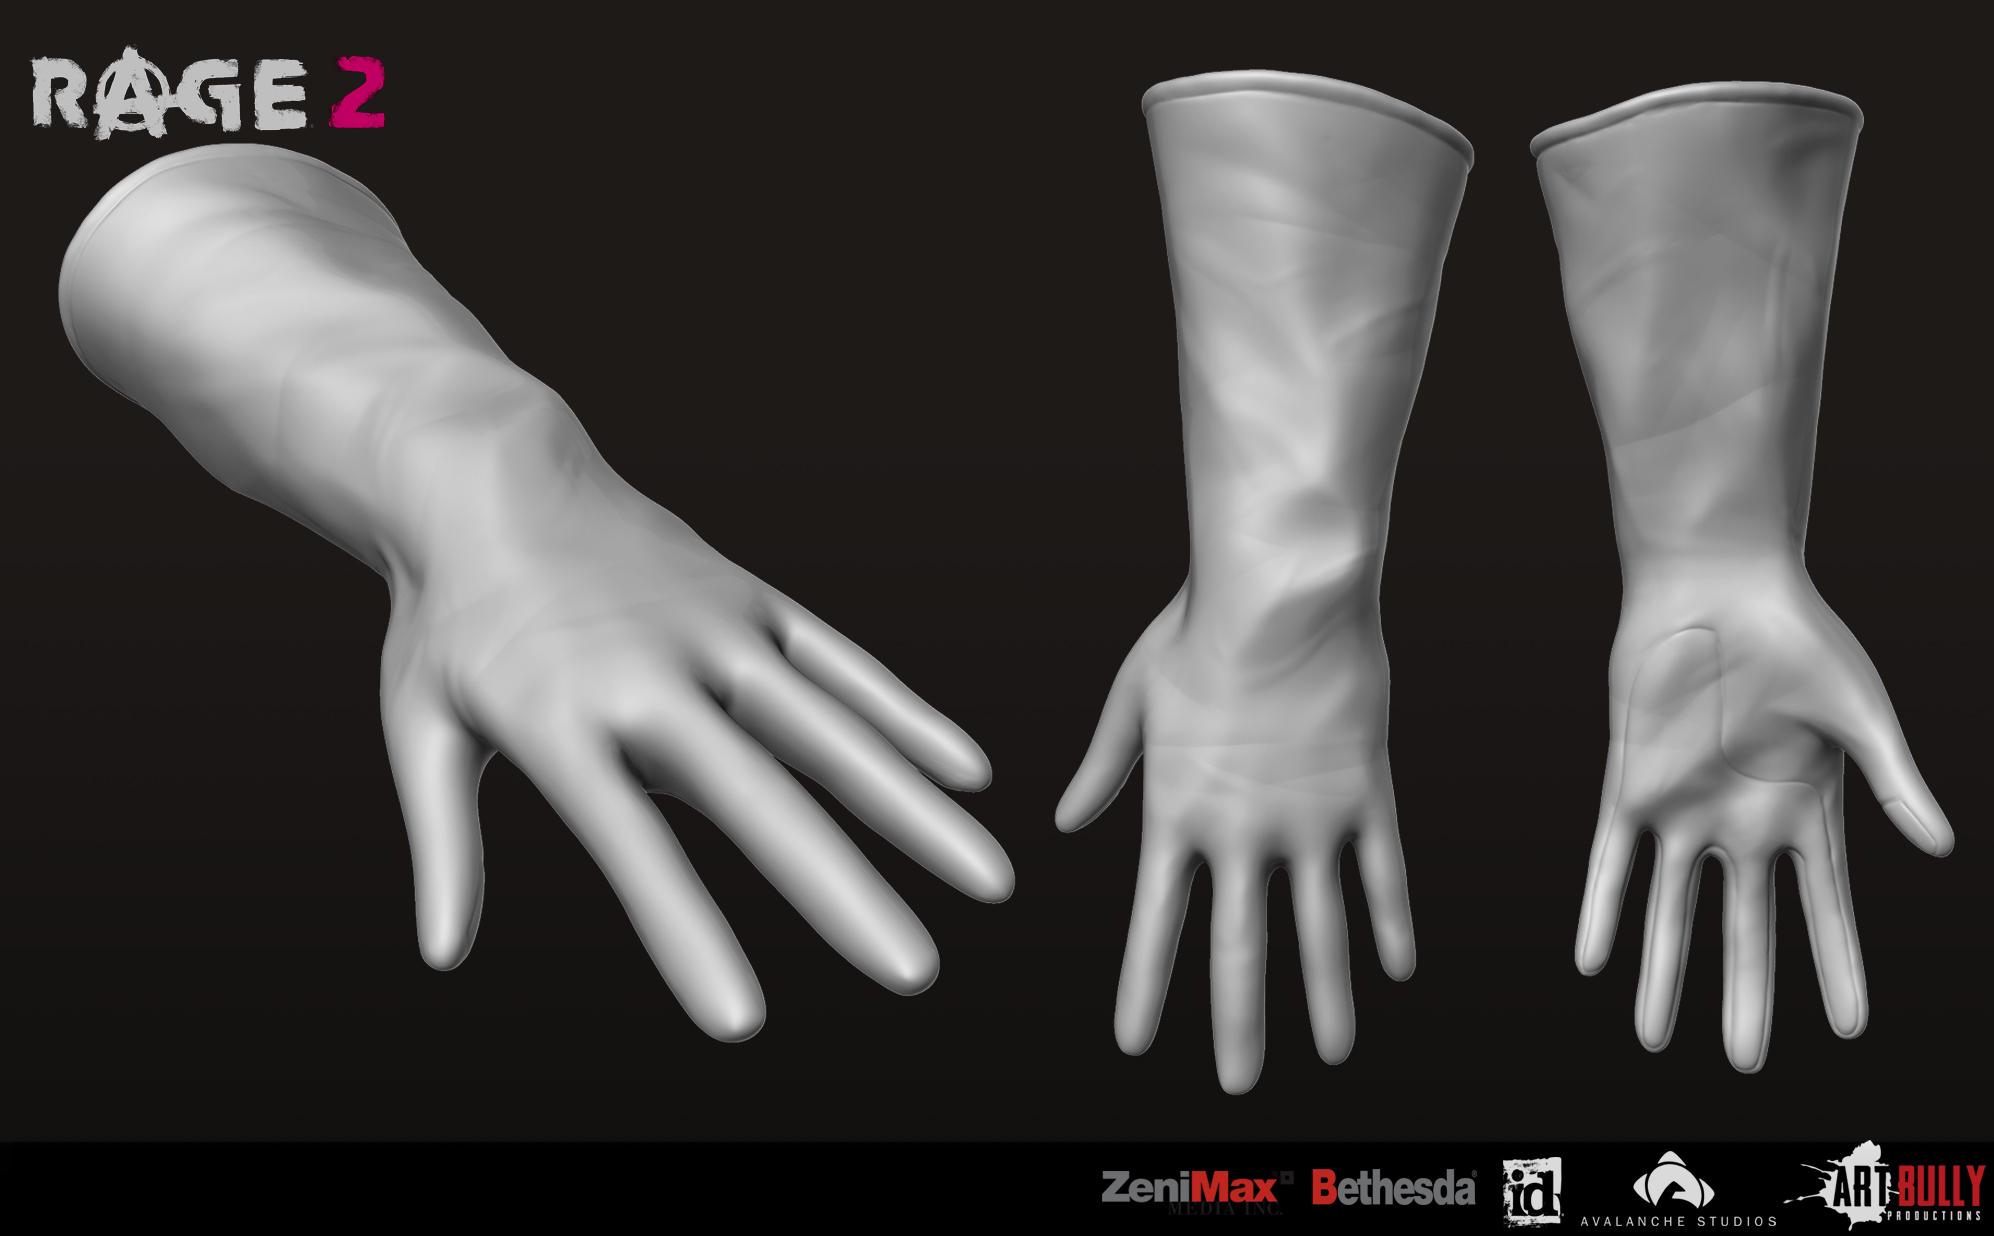 Civilian_Gear_Set_03_Hands_01_Rubber_Glove_render.jpg